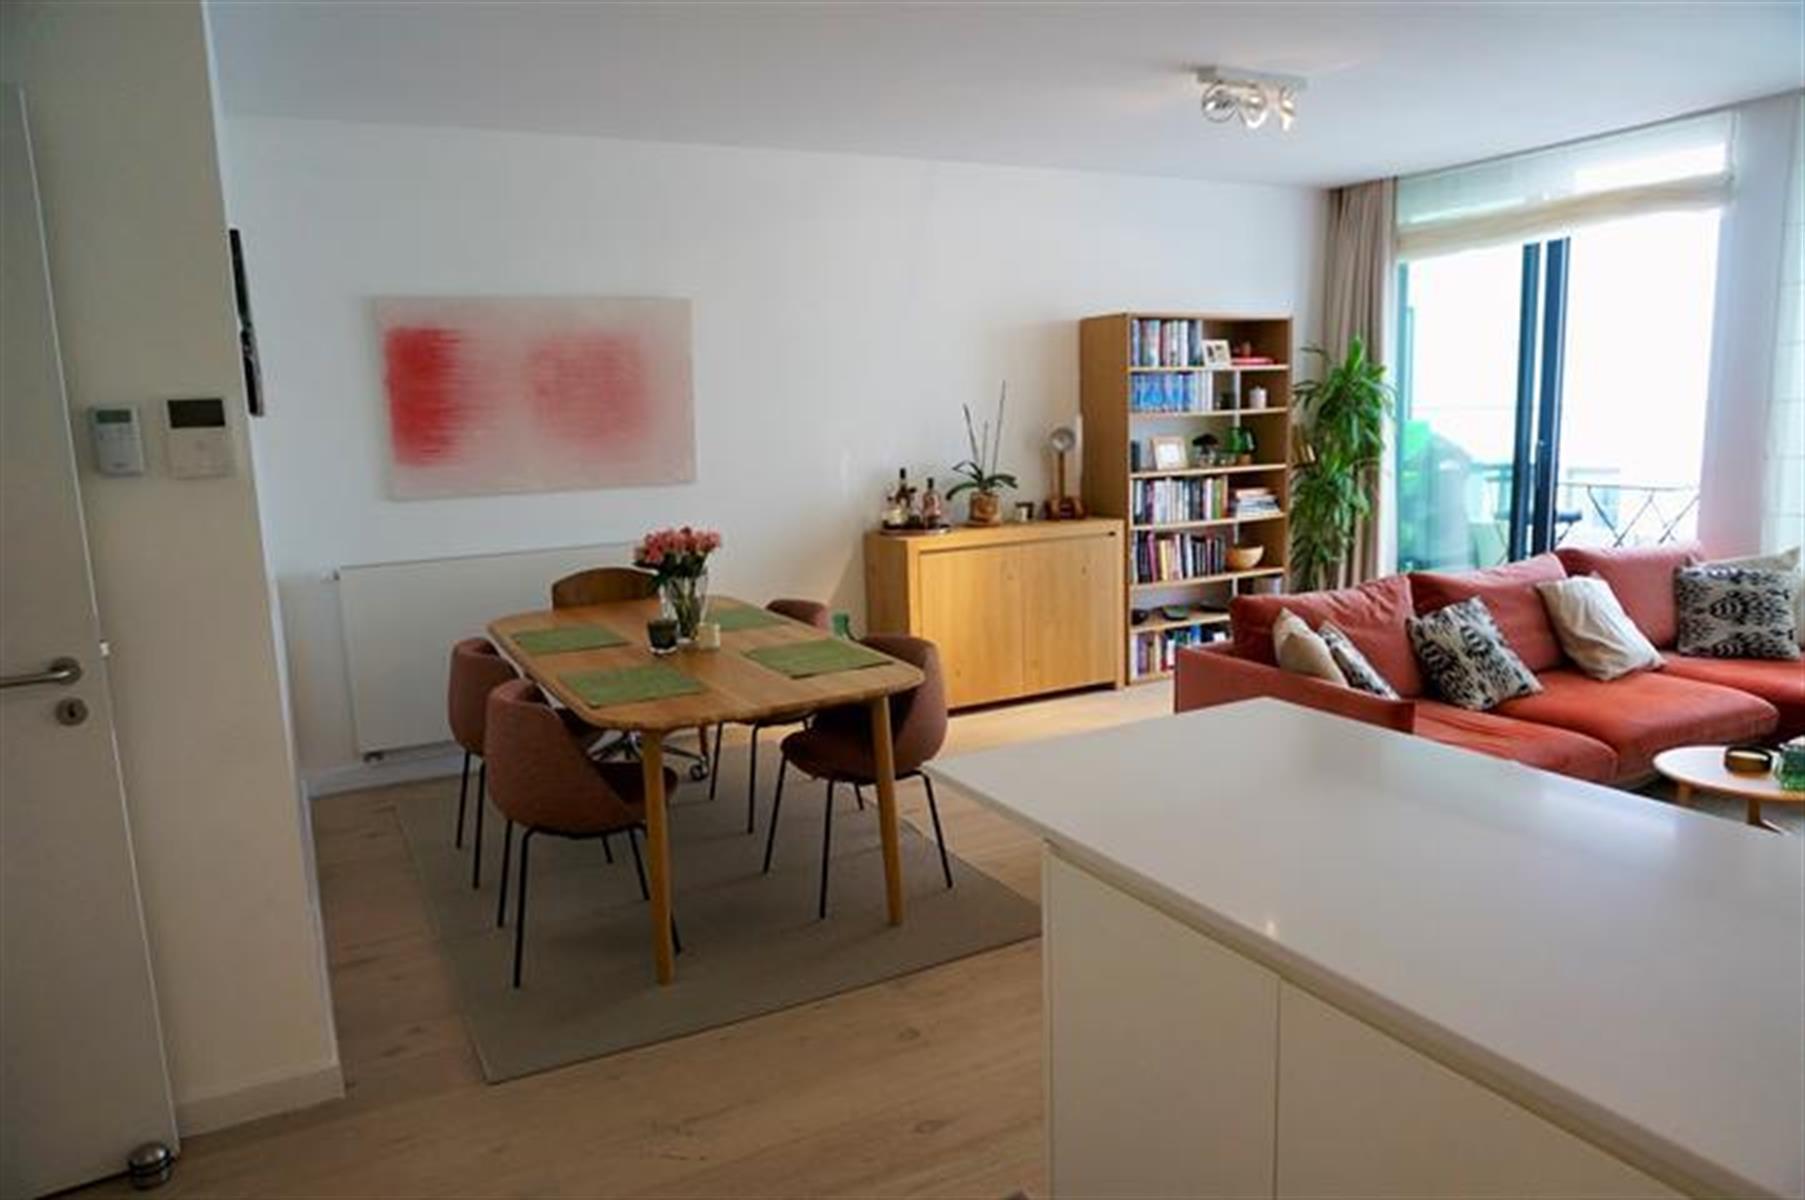 Flat - Ixelles - #4499294-2